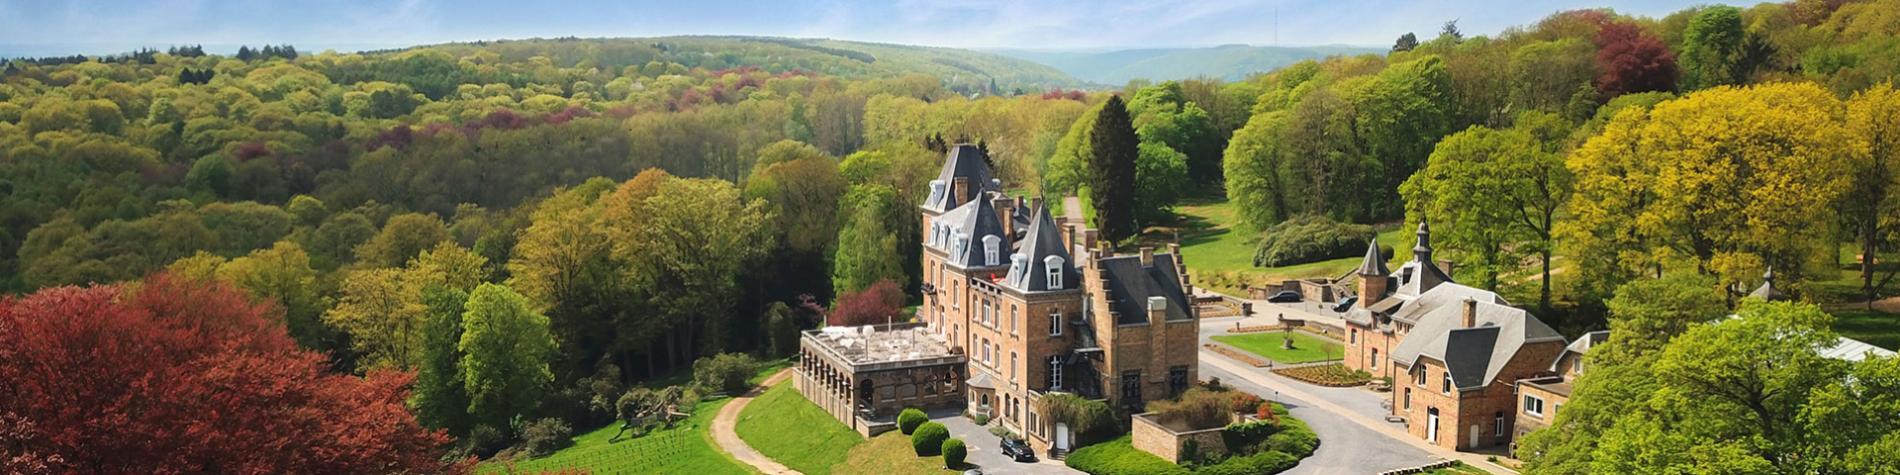 Hôtel - Château de la Poste - Maillen - atmosphère authentique - vue imprenable